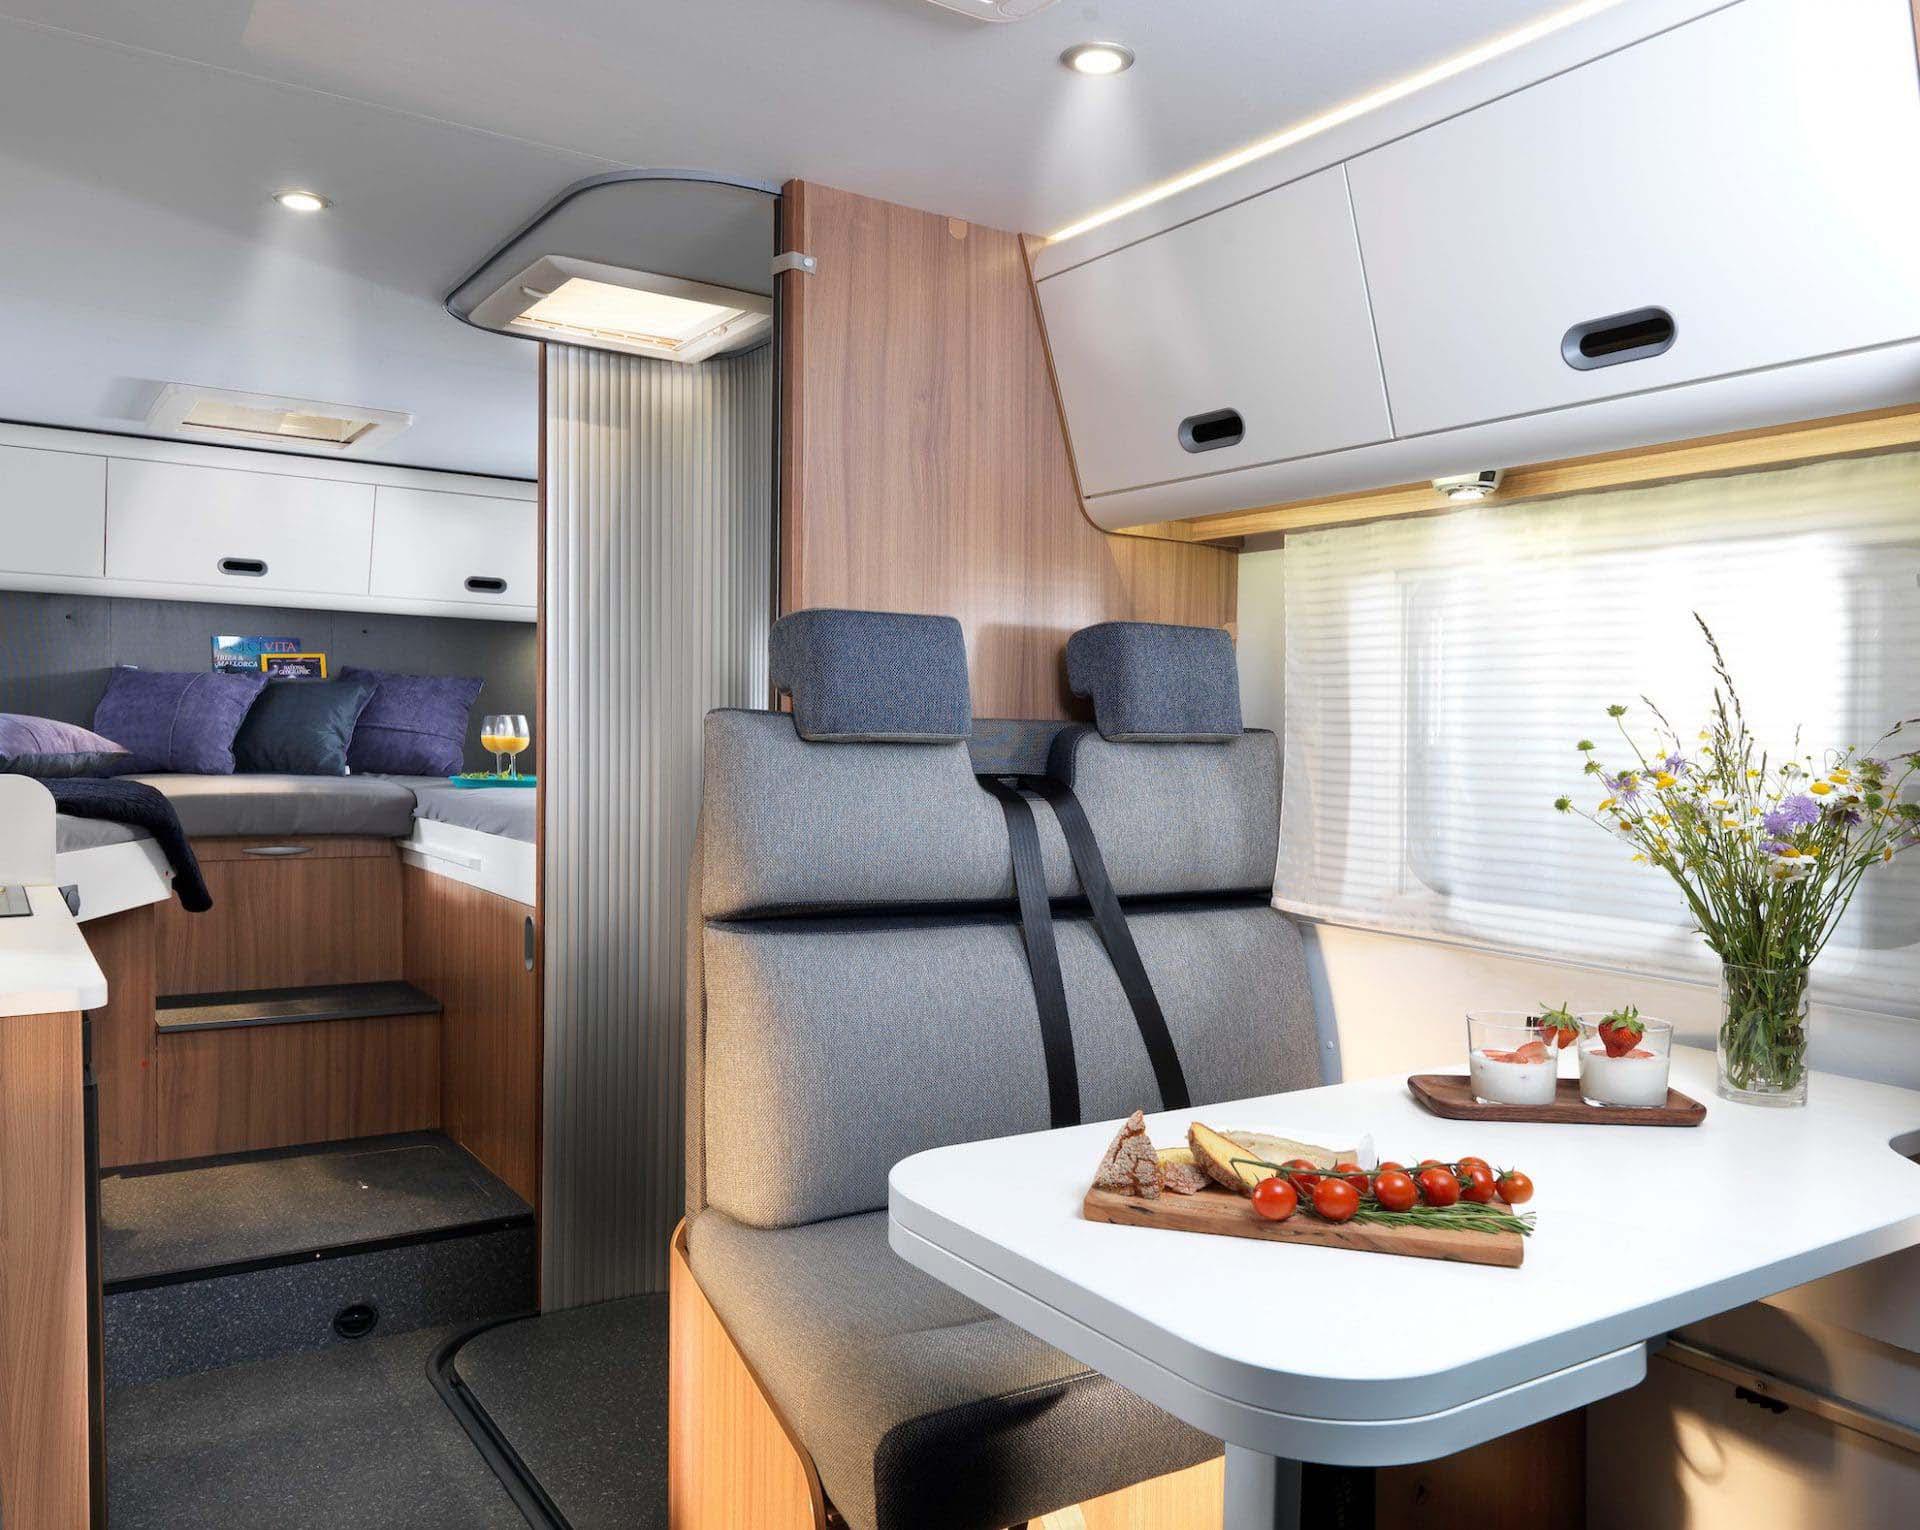 Sitzbereich Reisemobil